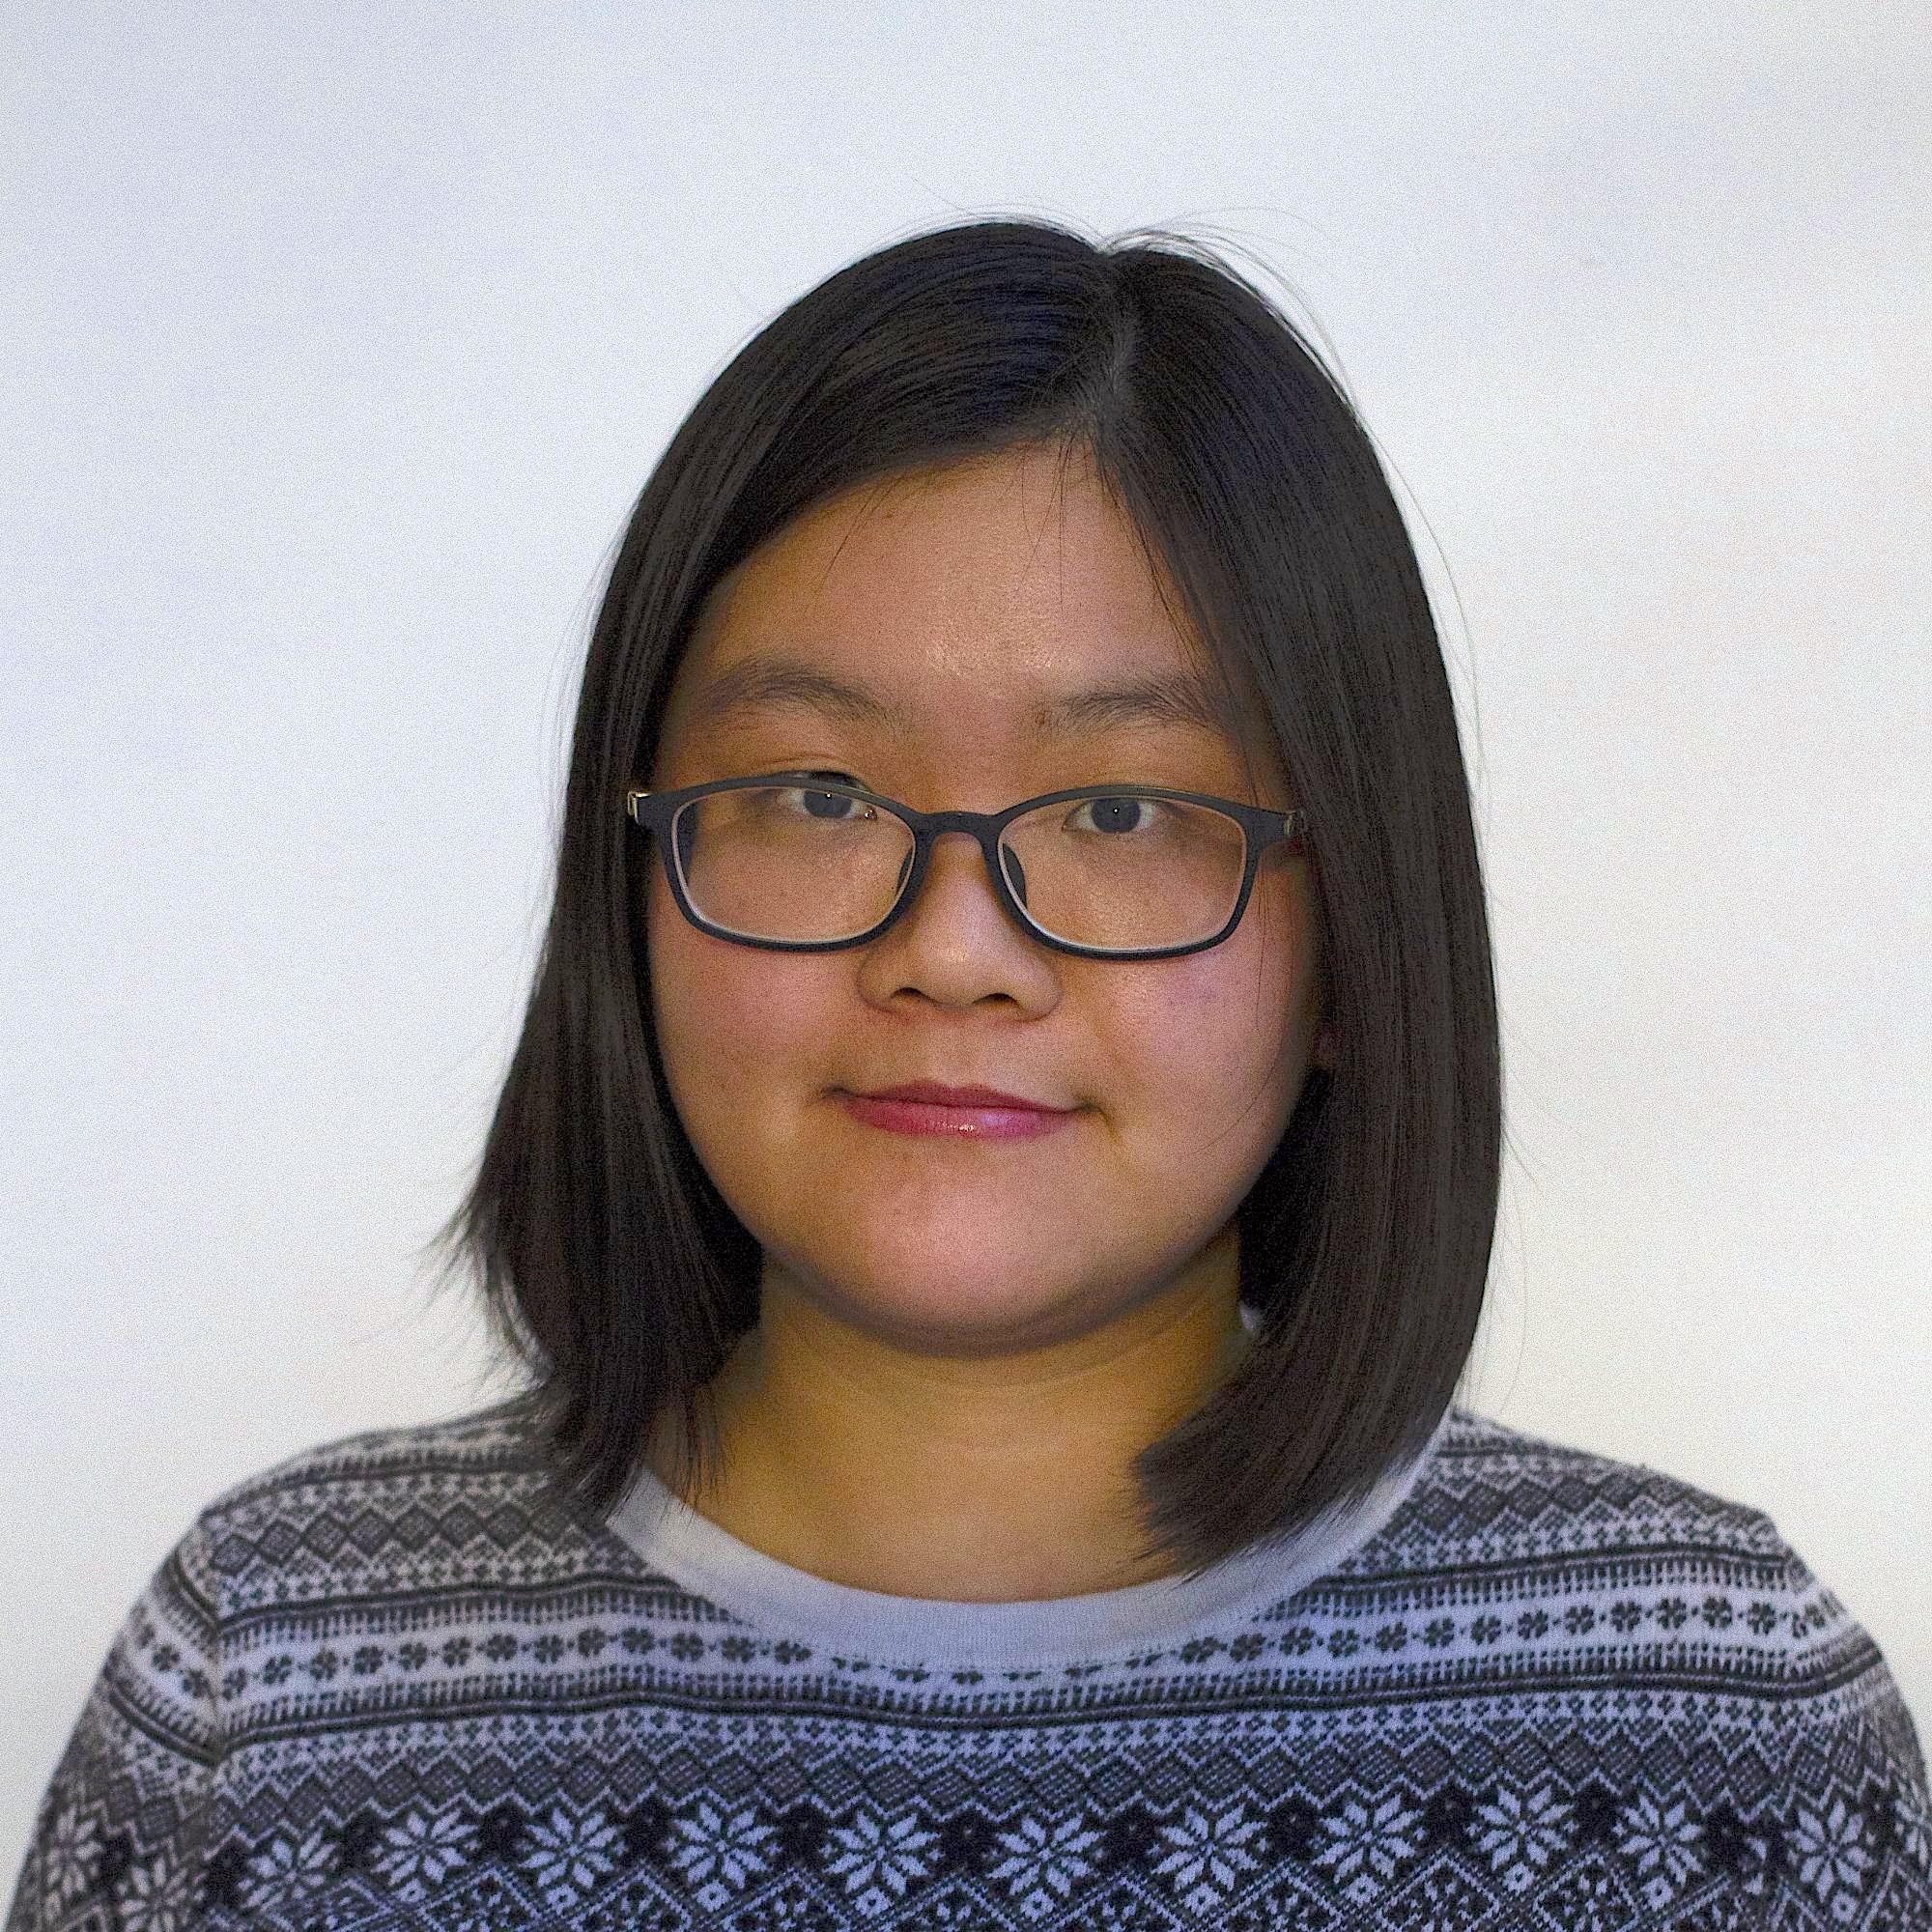 Zheng Hao-Yin